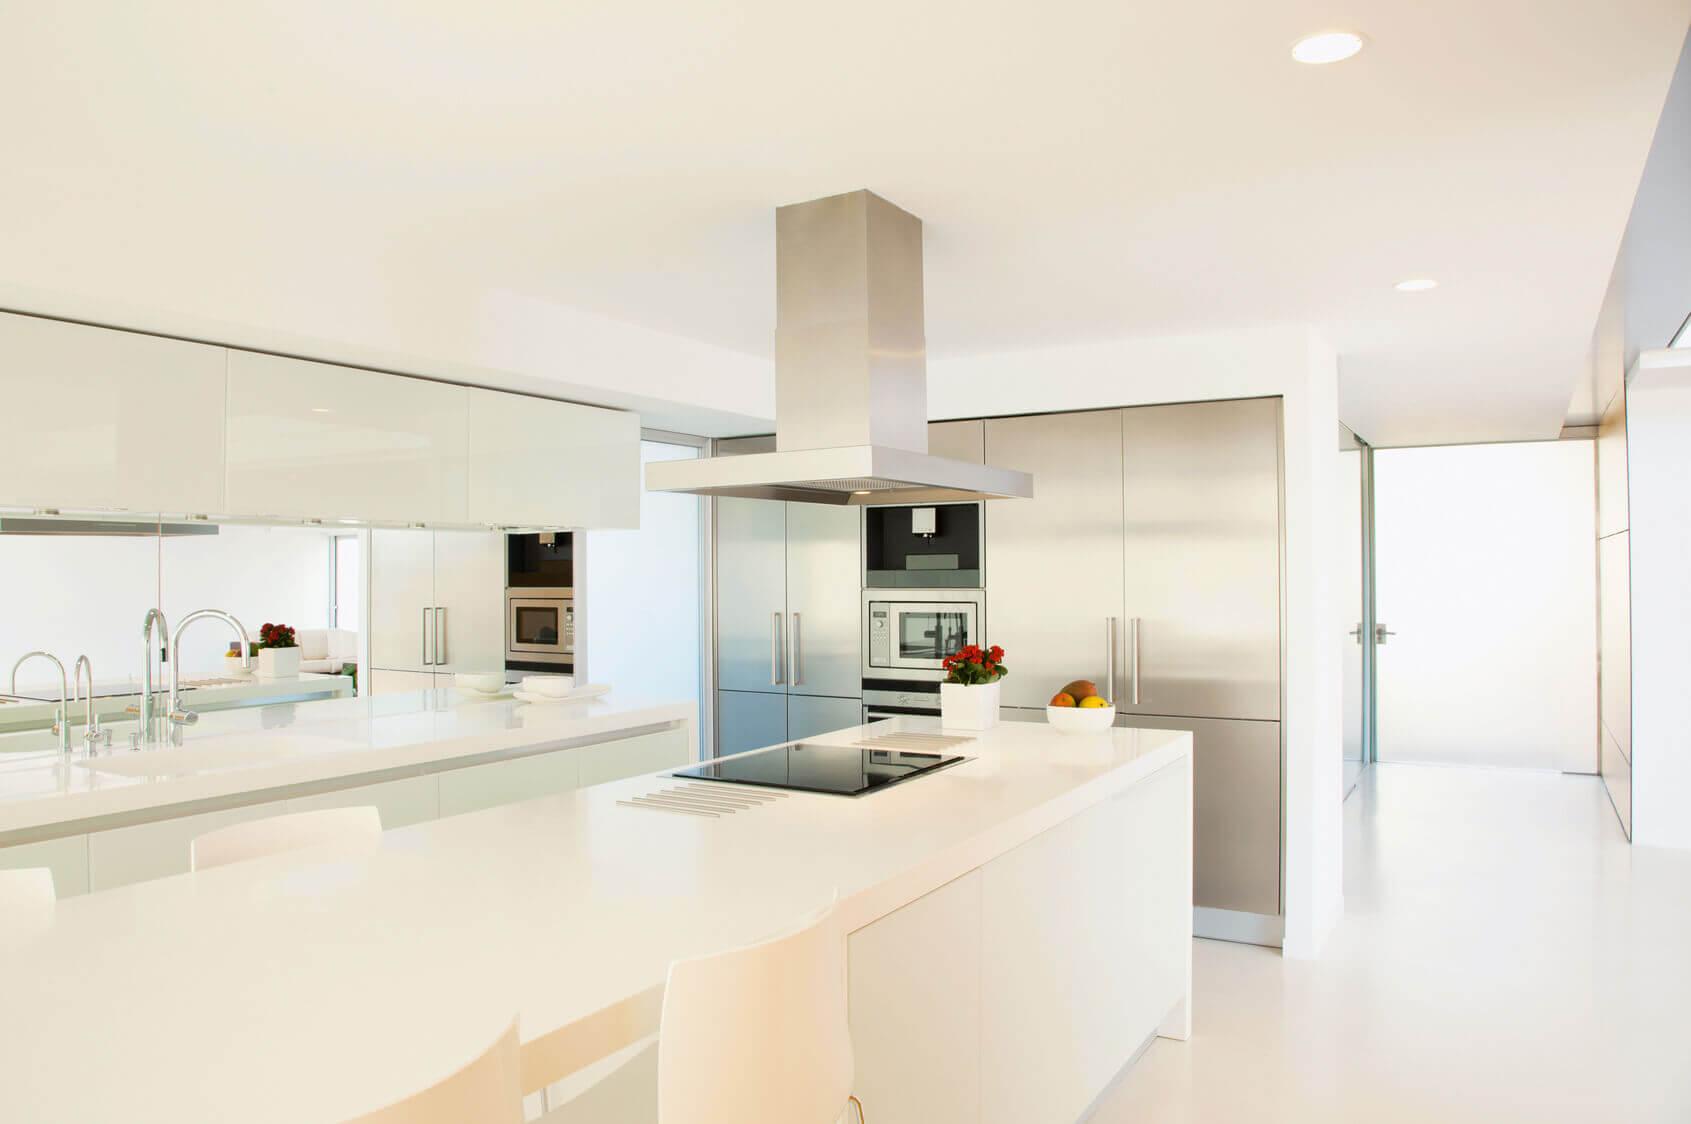 Cocinas con isla cocinas vitoria tierra home design - Islas de cocina ...